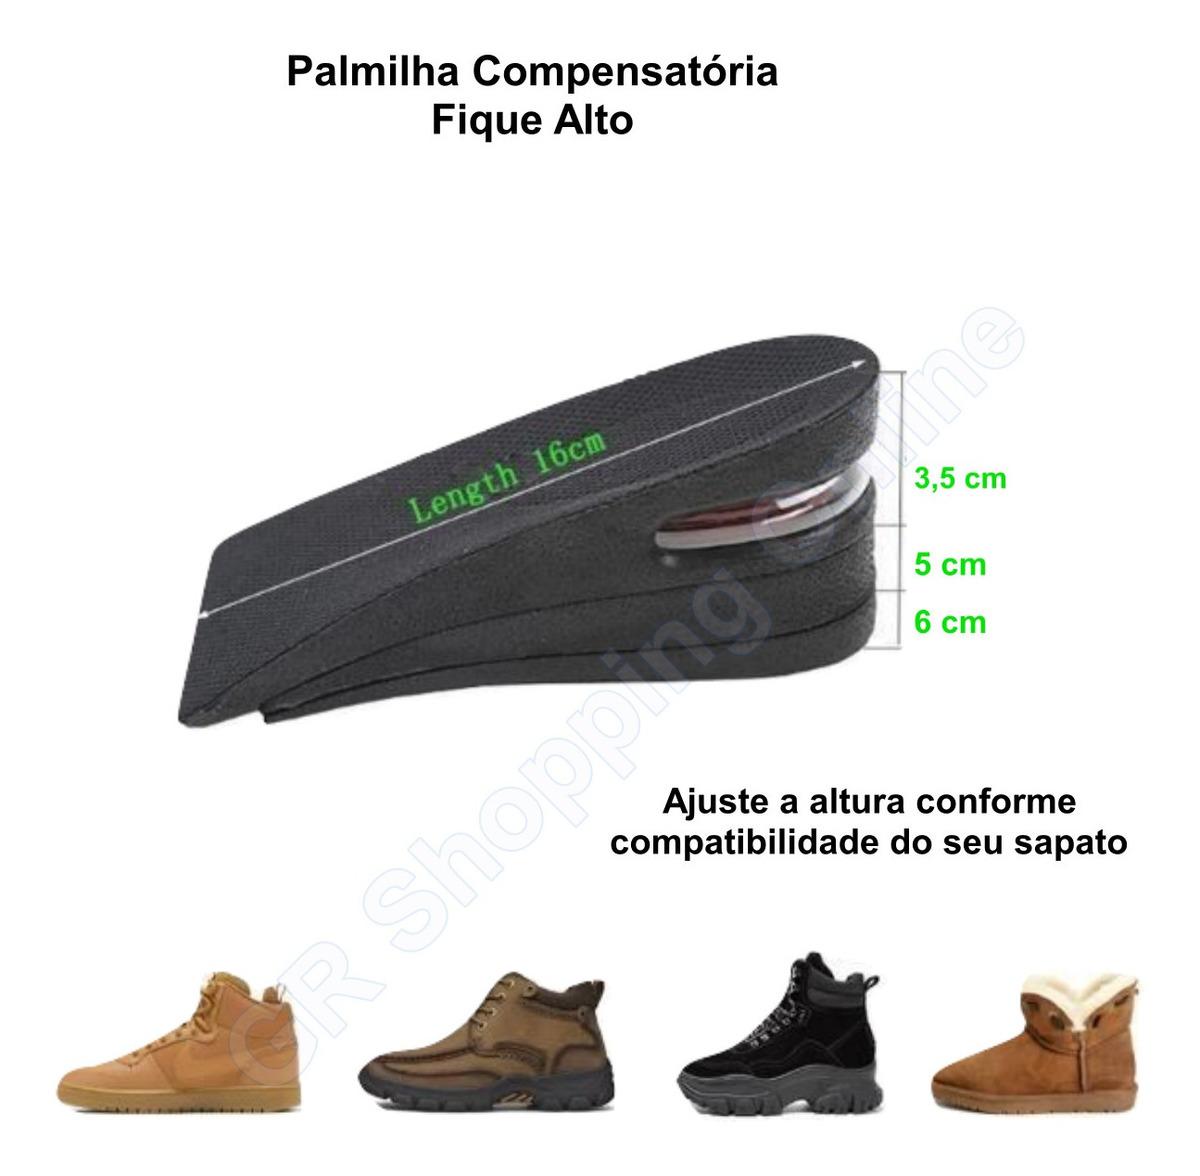 Calcanheira Para Aumentar Altura Em 4 cm Masculina - Shoe